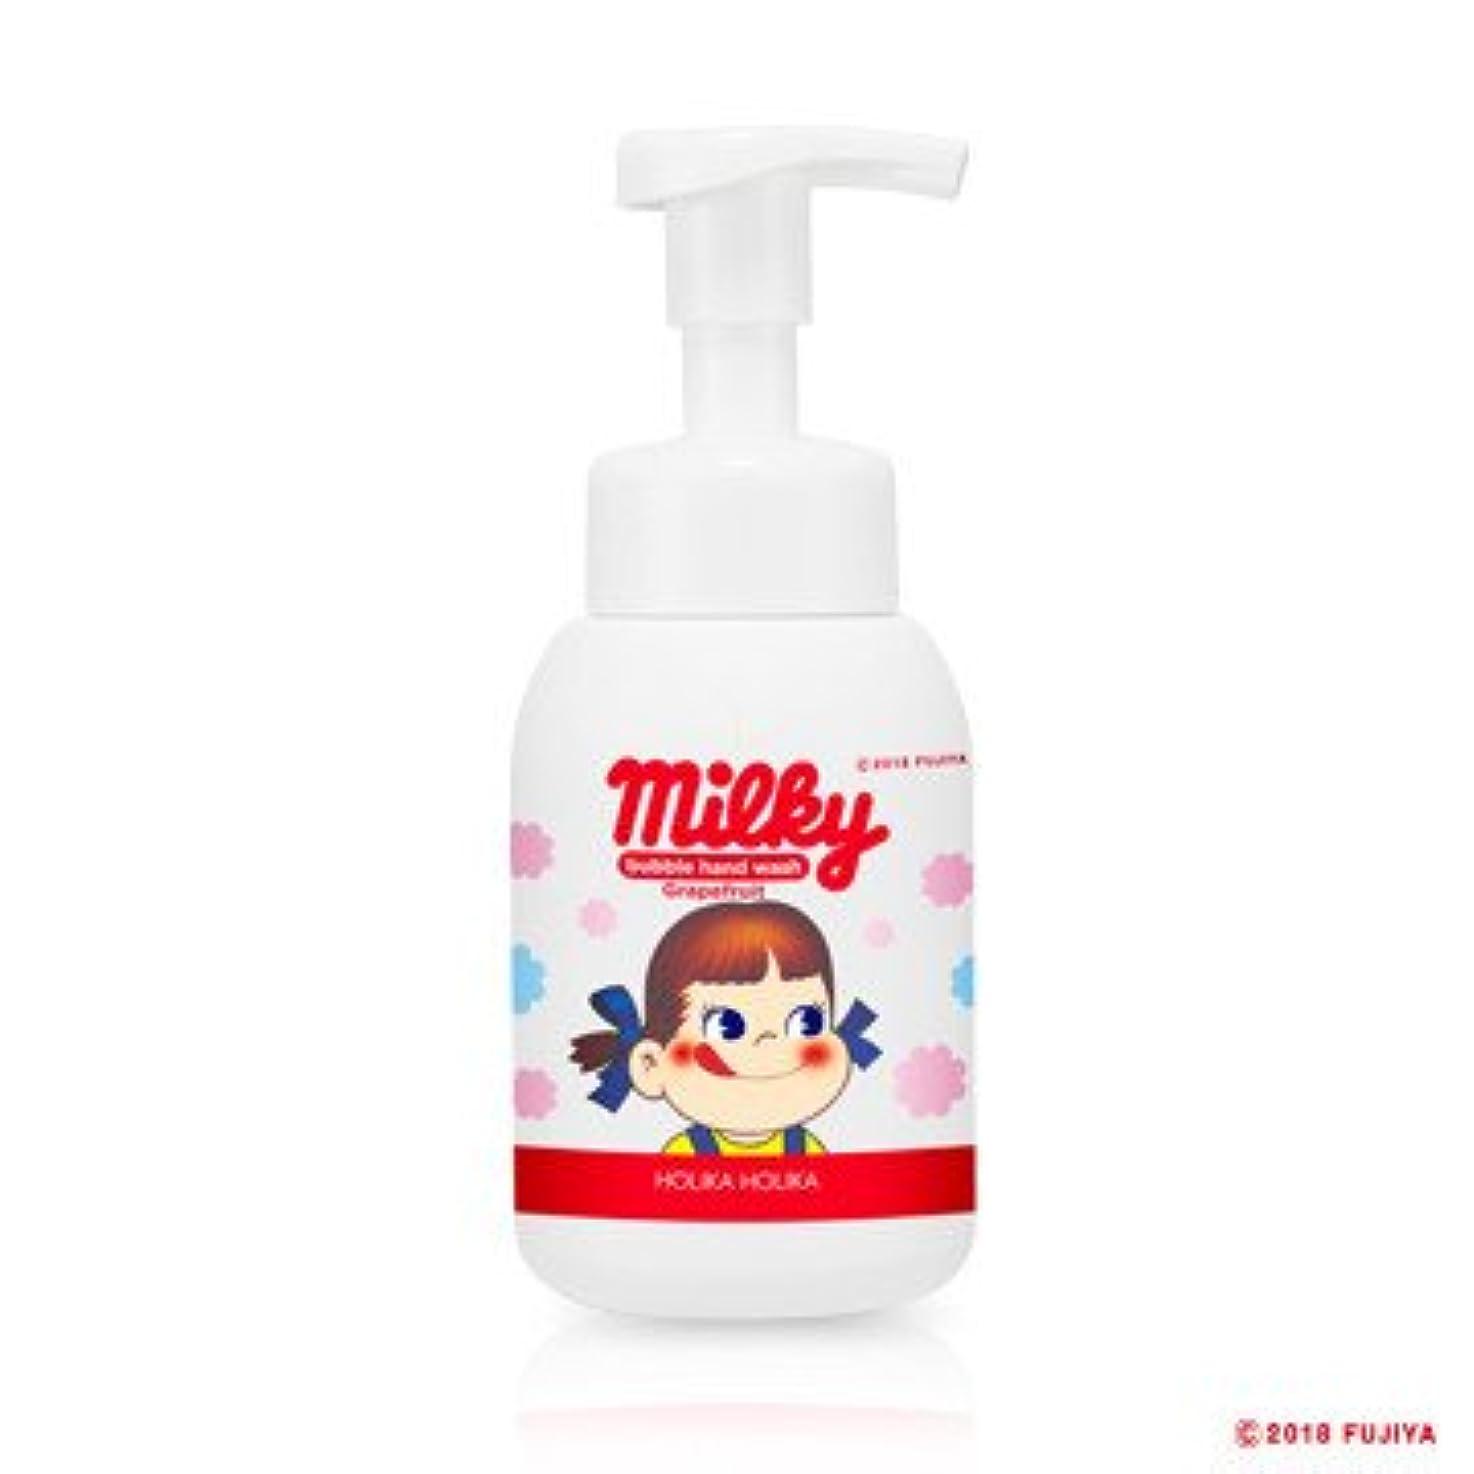 割れ目火炎反対するHolika Holika [Sweet Peko Edition] Bubble Hand Wash/ホリカホリカ [スイートペコエディション] バブルハンドウォッシュ 250ml [並行輸入品]